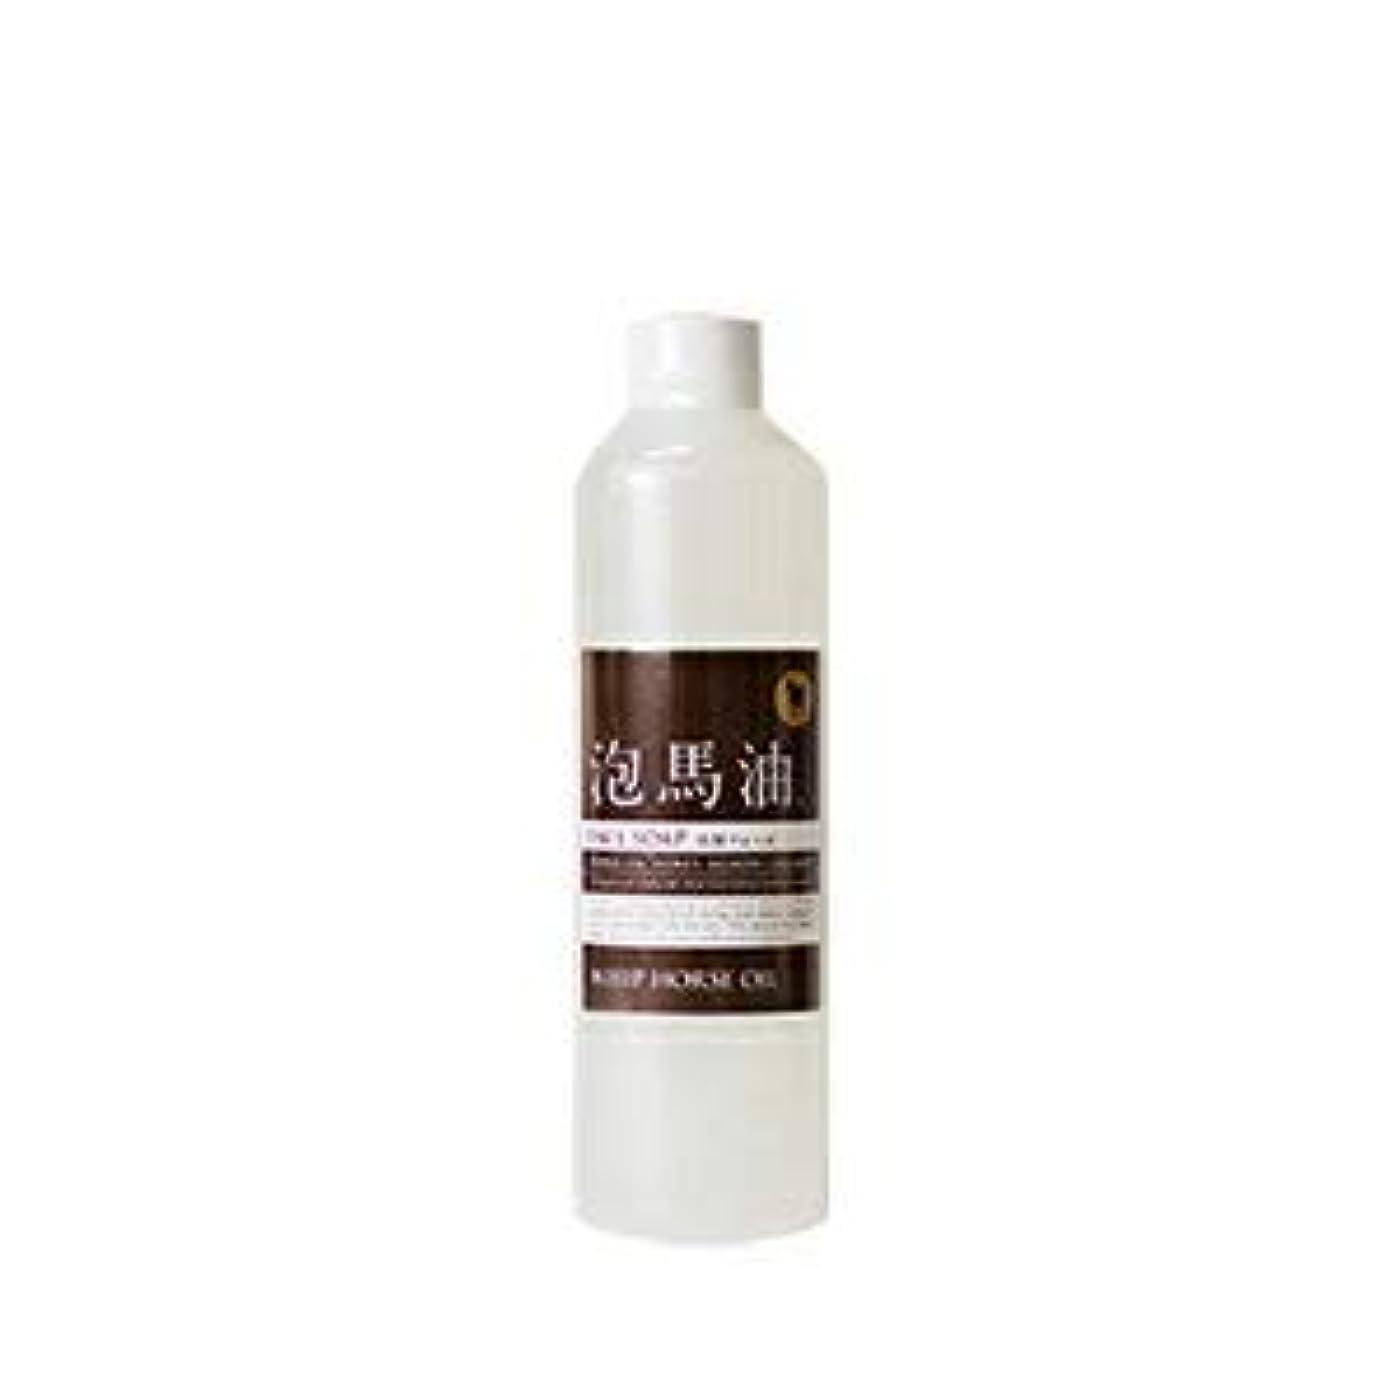 アレルギー性株式会社落胆させる洗顔フォーム 馬油配合 泡馬油 詰め替え用300ml